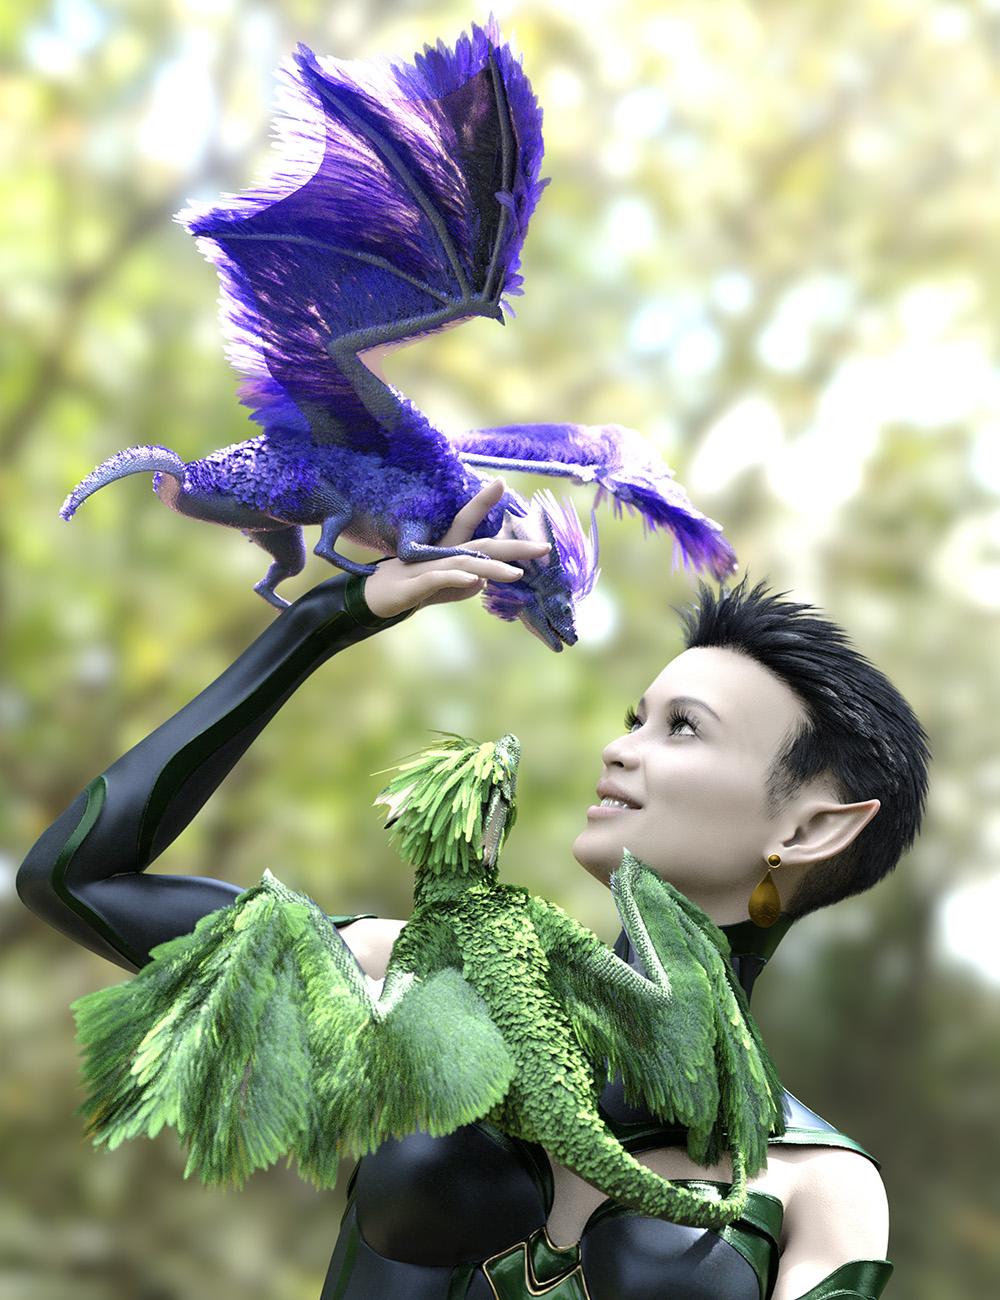 Oso Pixie Dragon for Daz Dragon 3 by: Oso3D, 3D Models by Daz 3D